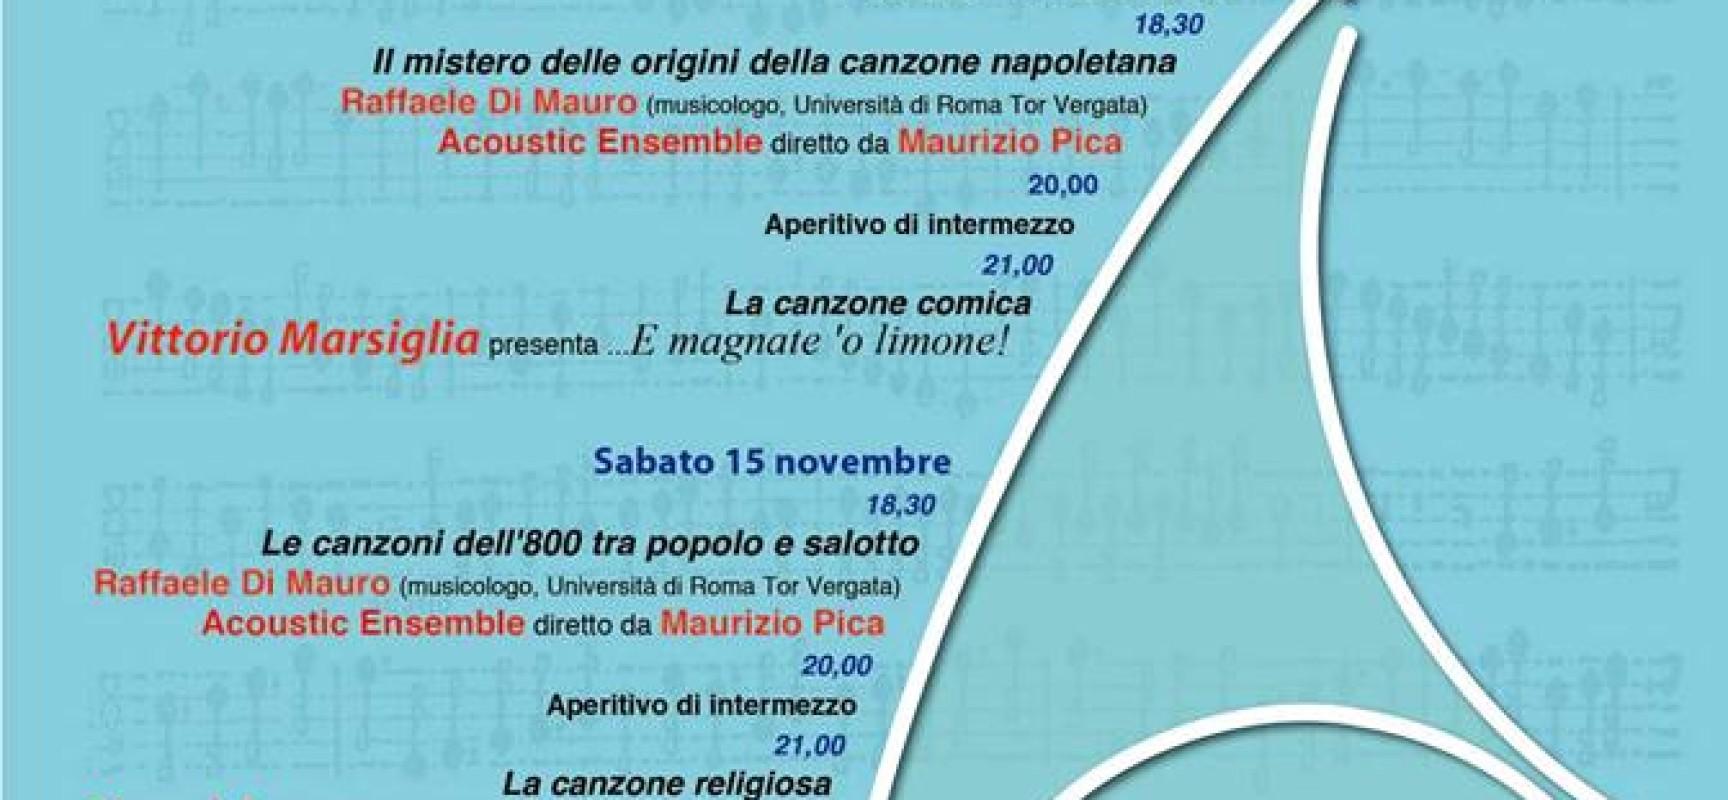 Canzone napoletana, nascono le Guide musicali